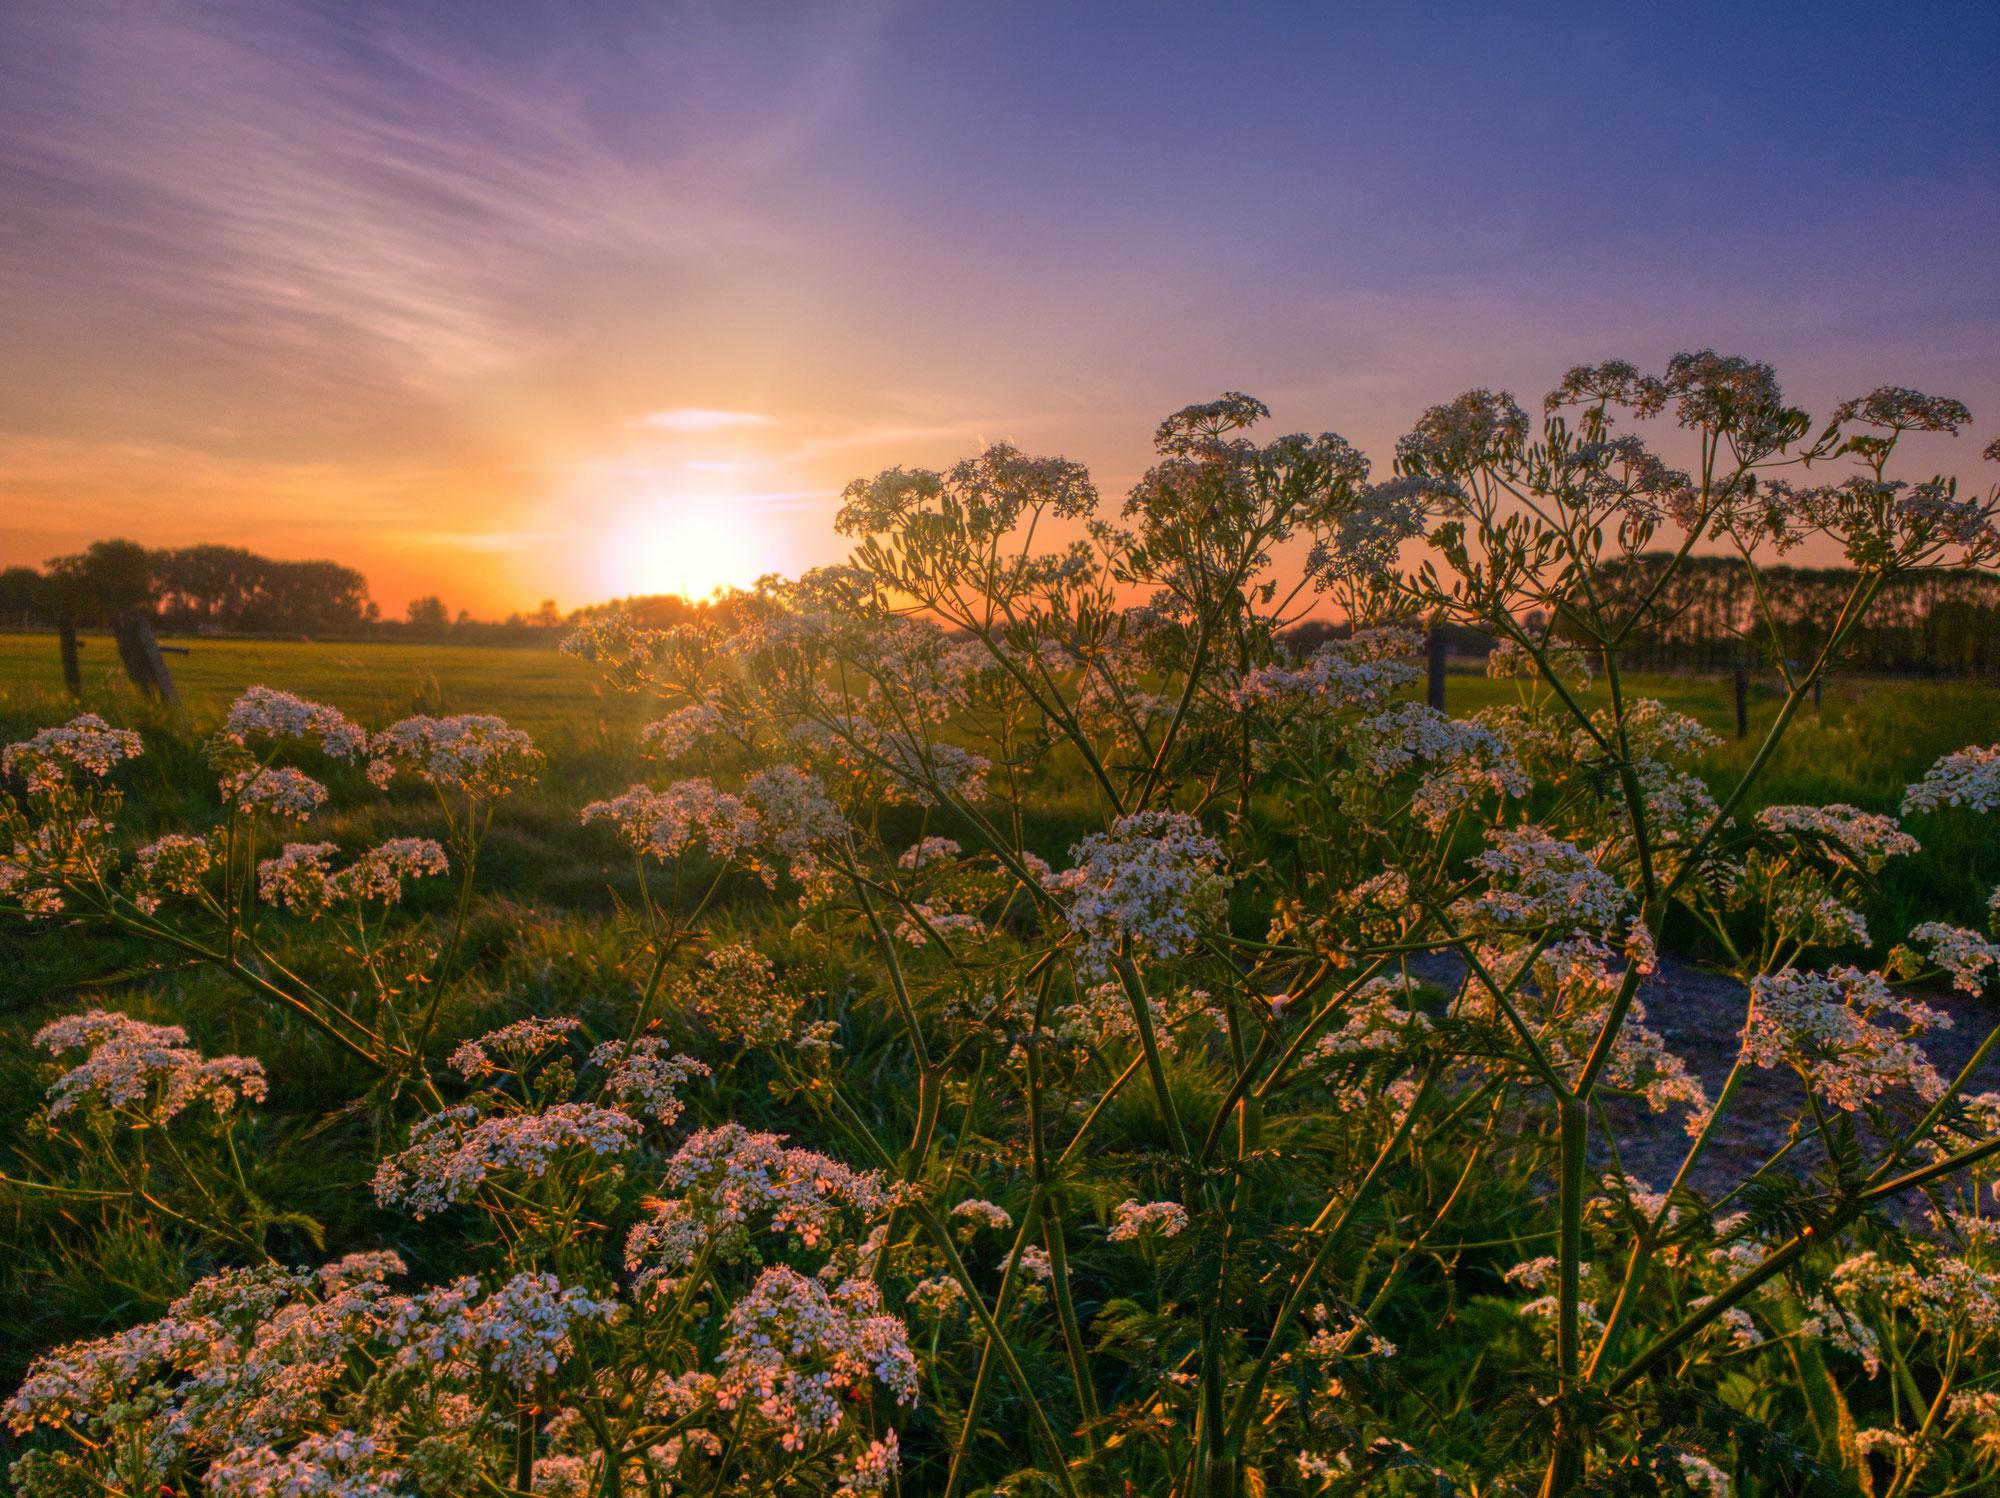 Steeds dieper open gaan voor de Goddelijke Aanwezigheid in jou, op Aarde ♥ Mieke Vulink ♥ Lichtwerkers Nederland